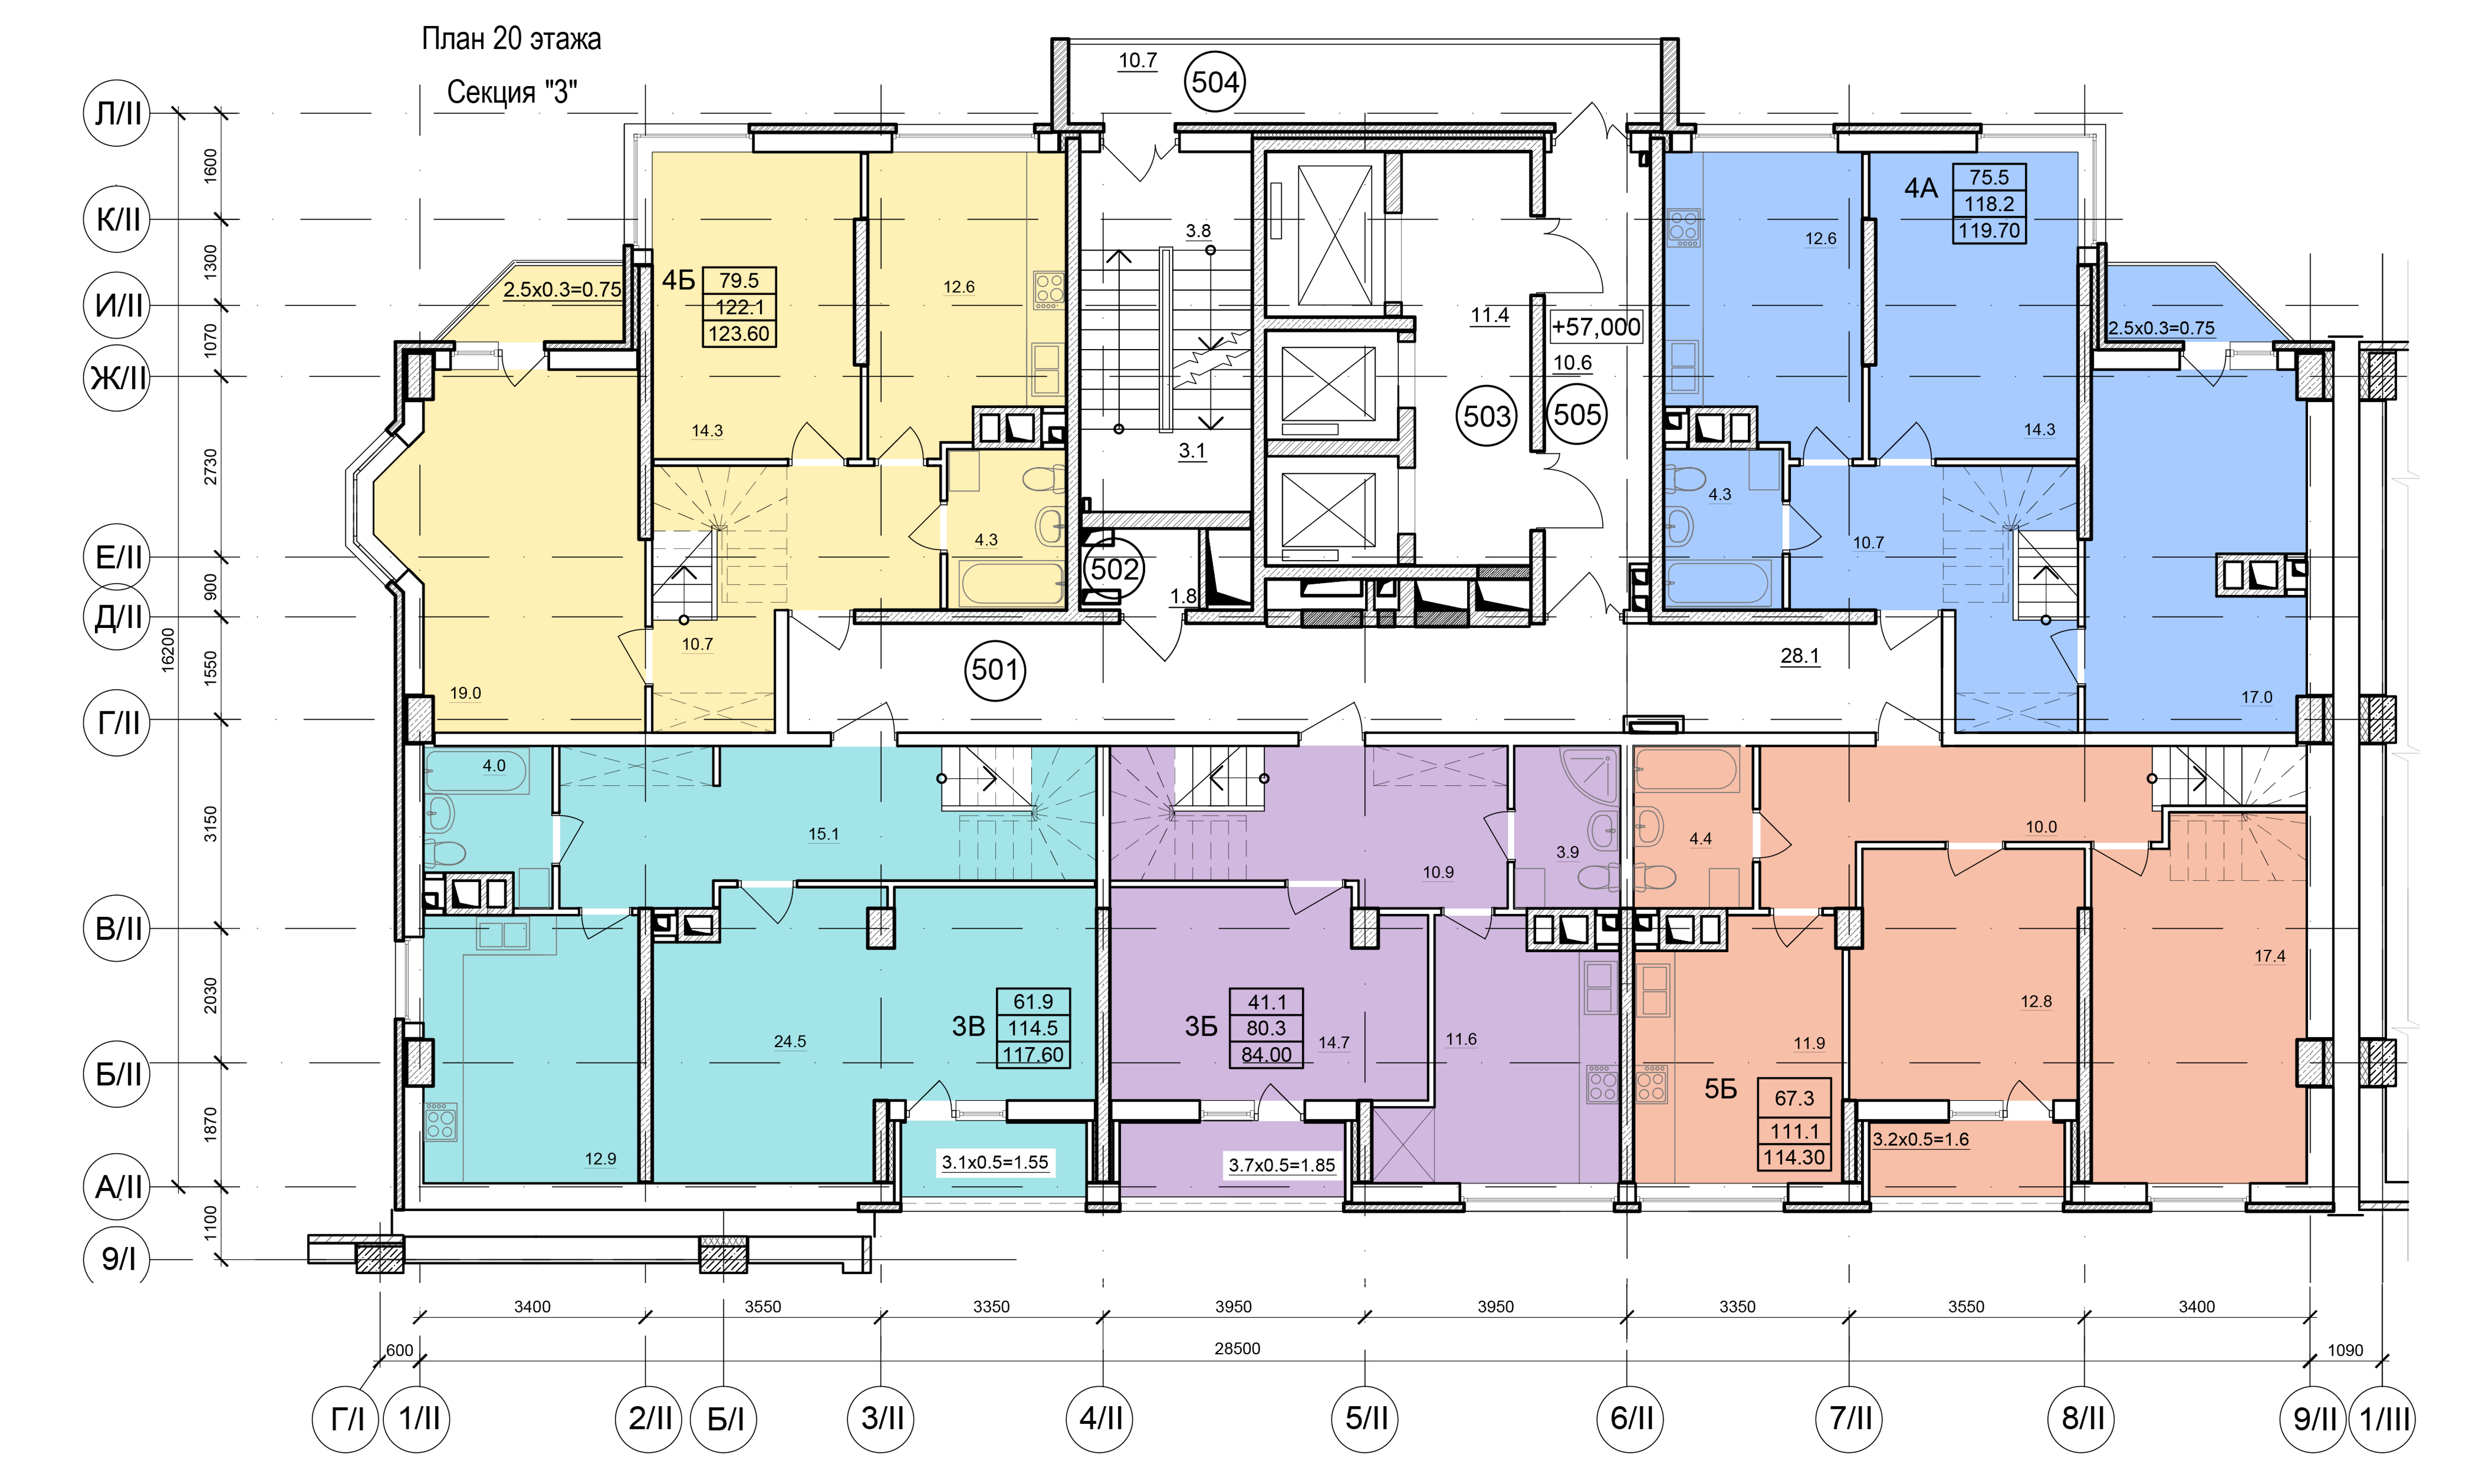 Планировки ЖК Балковский - Стикон. Секция 3, этаж 20